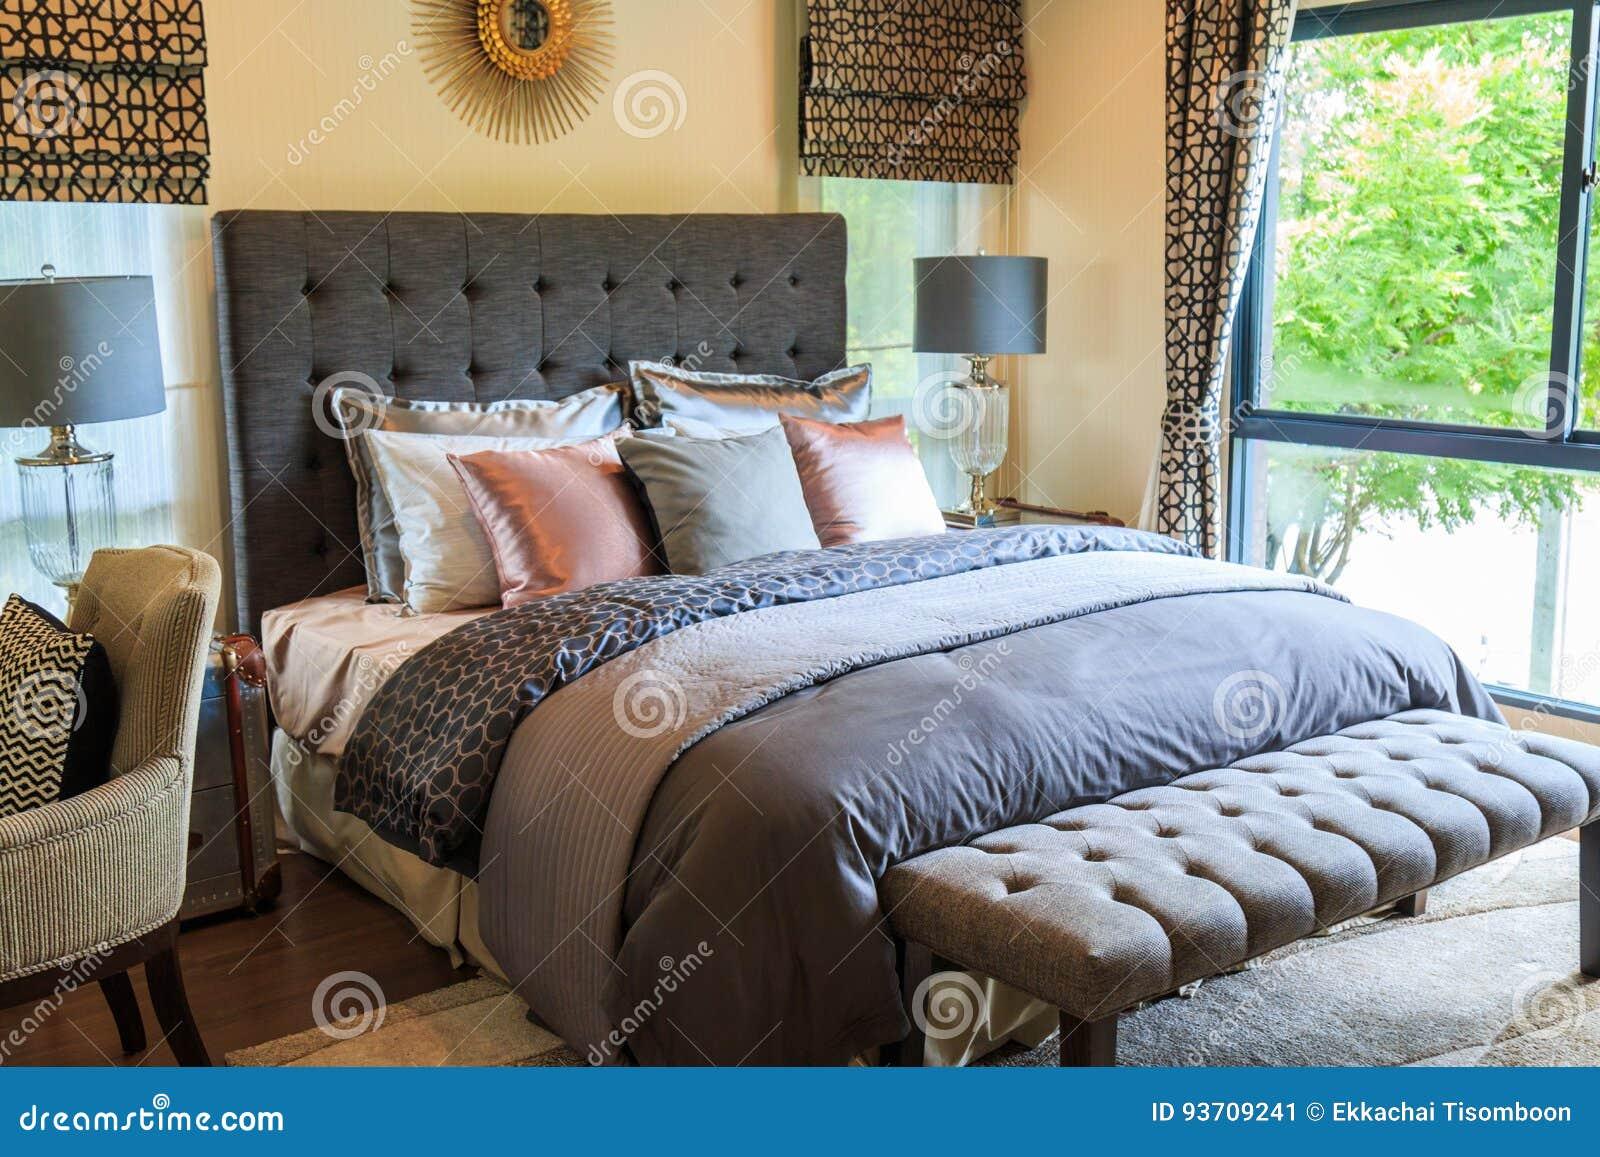 Viele Kissen Auf Dem Bett Und Die Bettscheinwerfer Mit